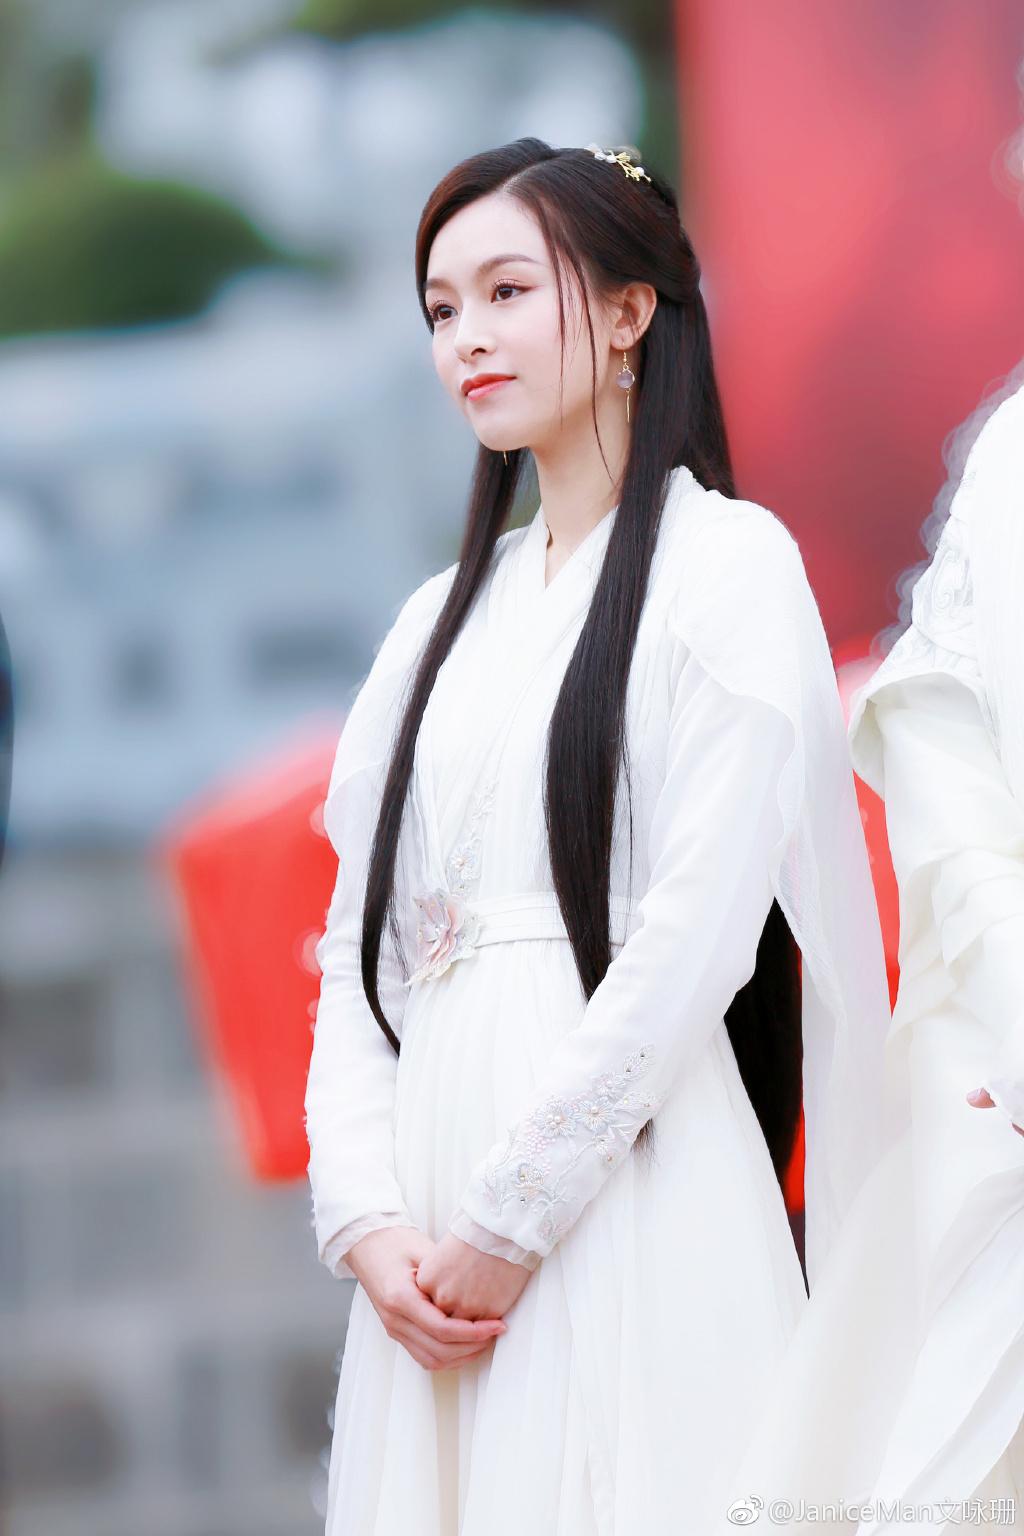 Dung nhan cô gái từng khiến Tạ Đình Phong trúng tiếng sét ái tình, Trần Quán Hy tình nguyện cai thuốc - Ảnh 5